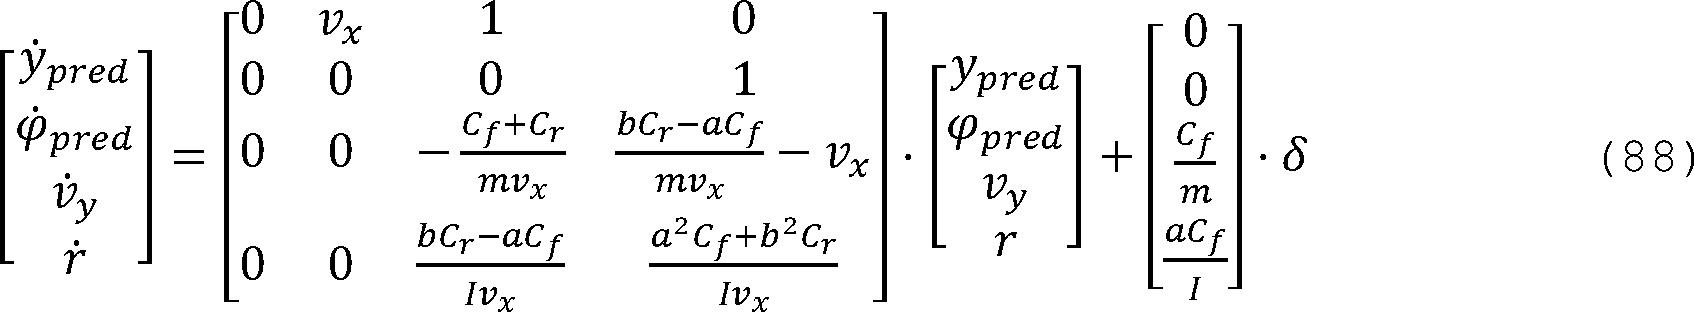 Figure DE102015114464A1_0020